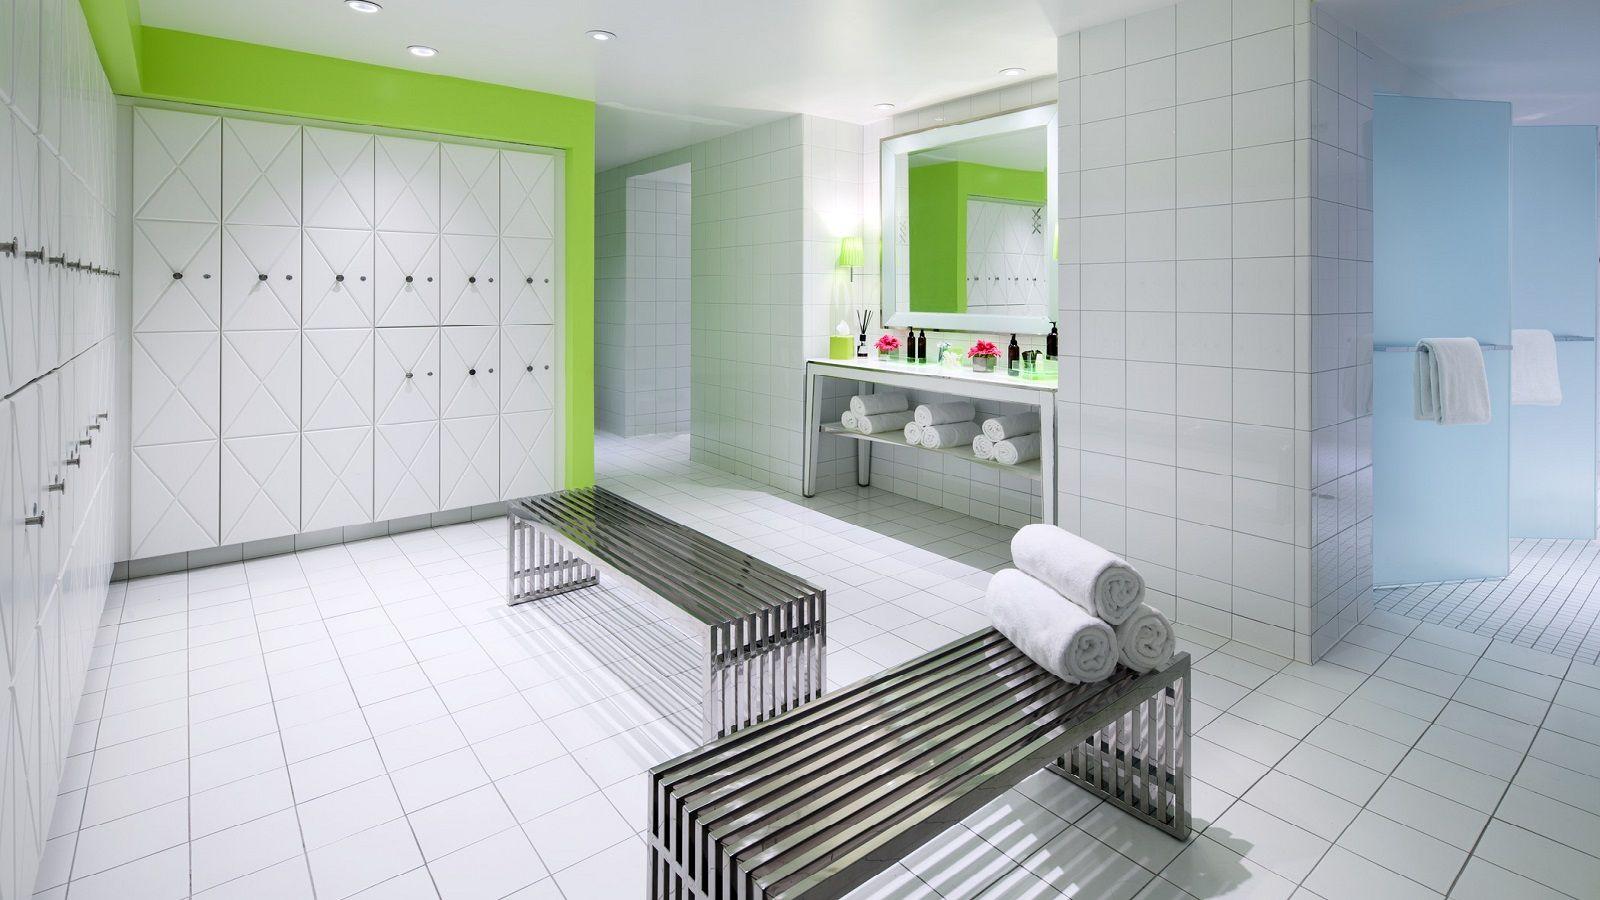 Tư vấn cách thiết kế nội thất spa đẹp theo xu hướng hiện đại